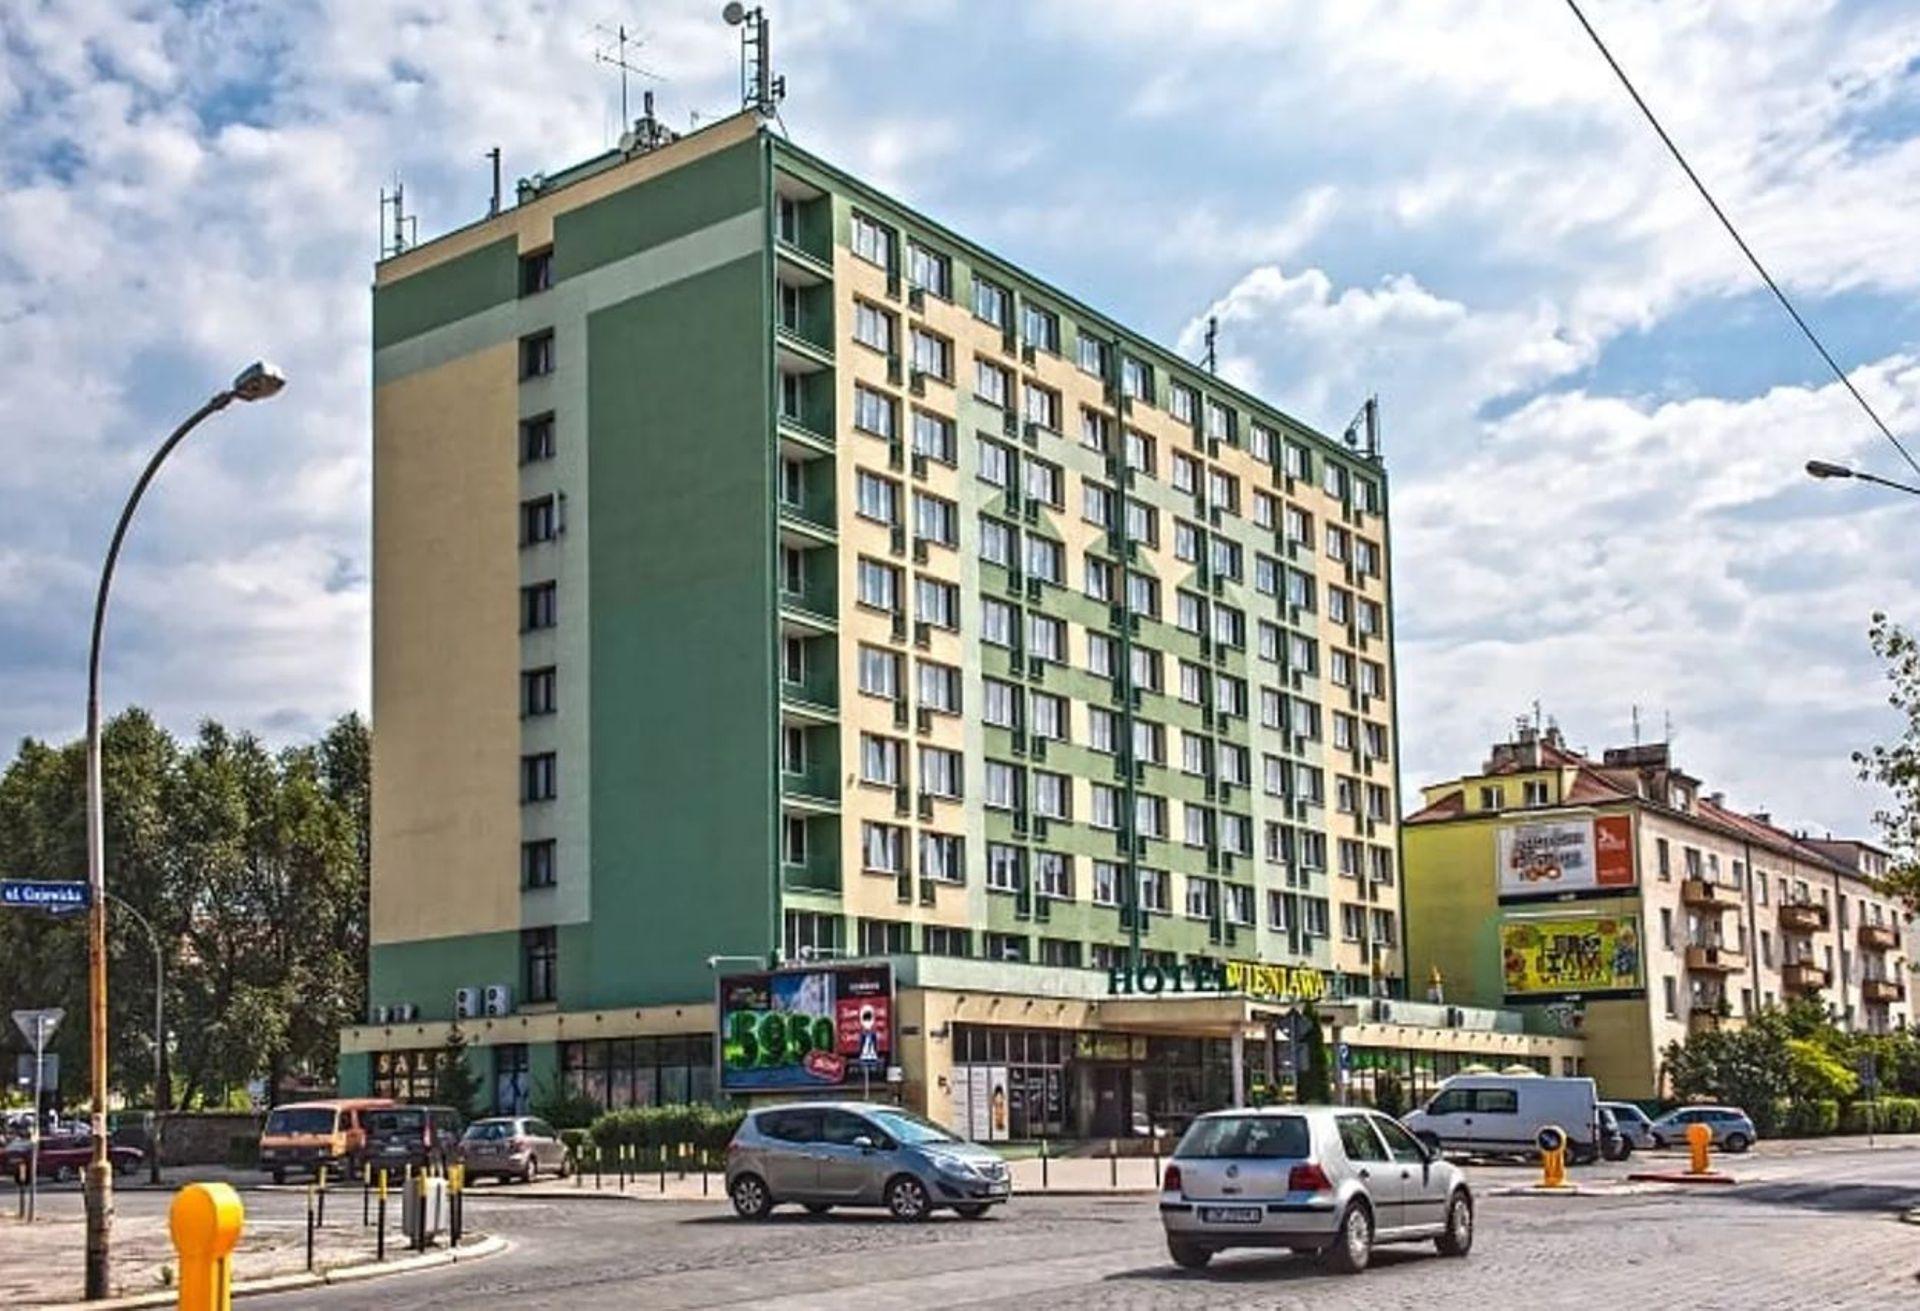 Hotel Wieniawa przy ulicy Gajowickiej przestaje być izolatorium dla chorych na CoVid-19